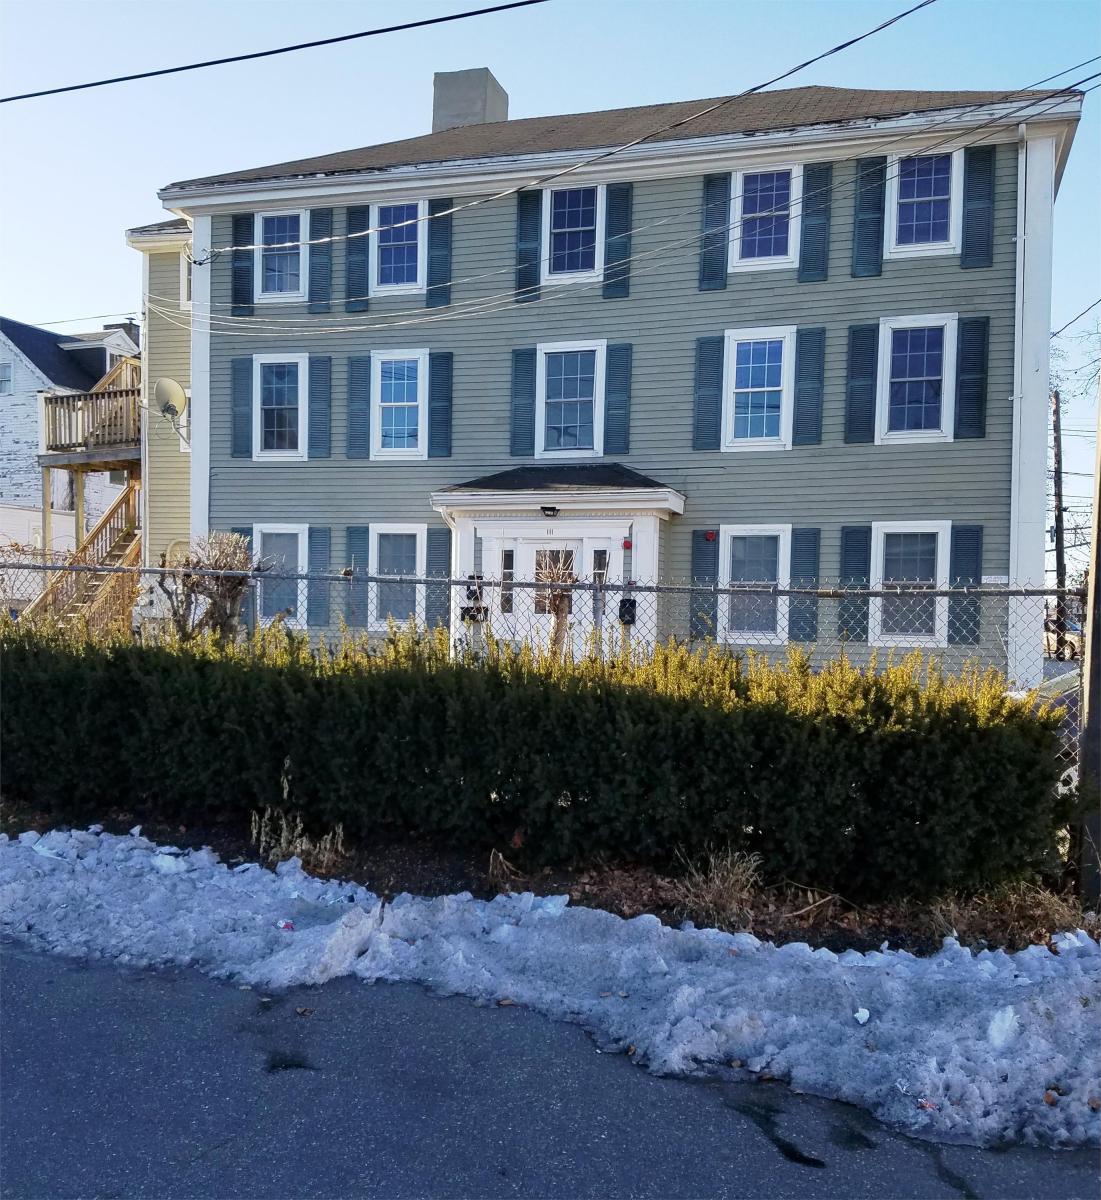 Zillow Ma Rentals: 3 Bedroom Apartments Peabody Ma